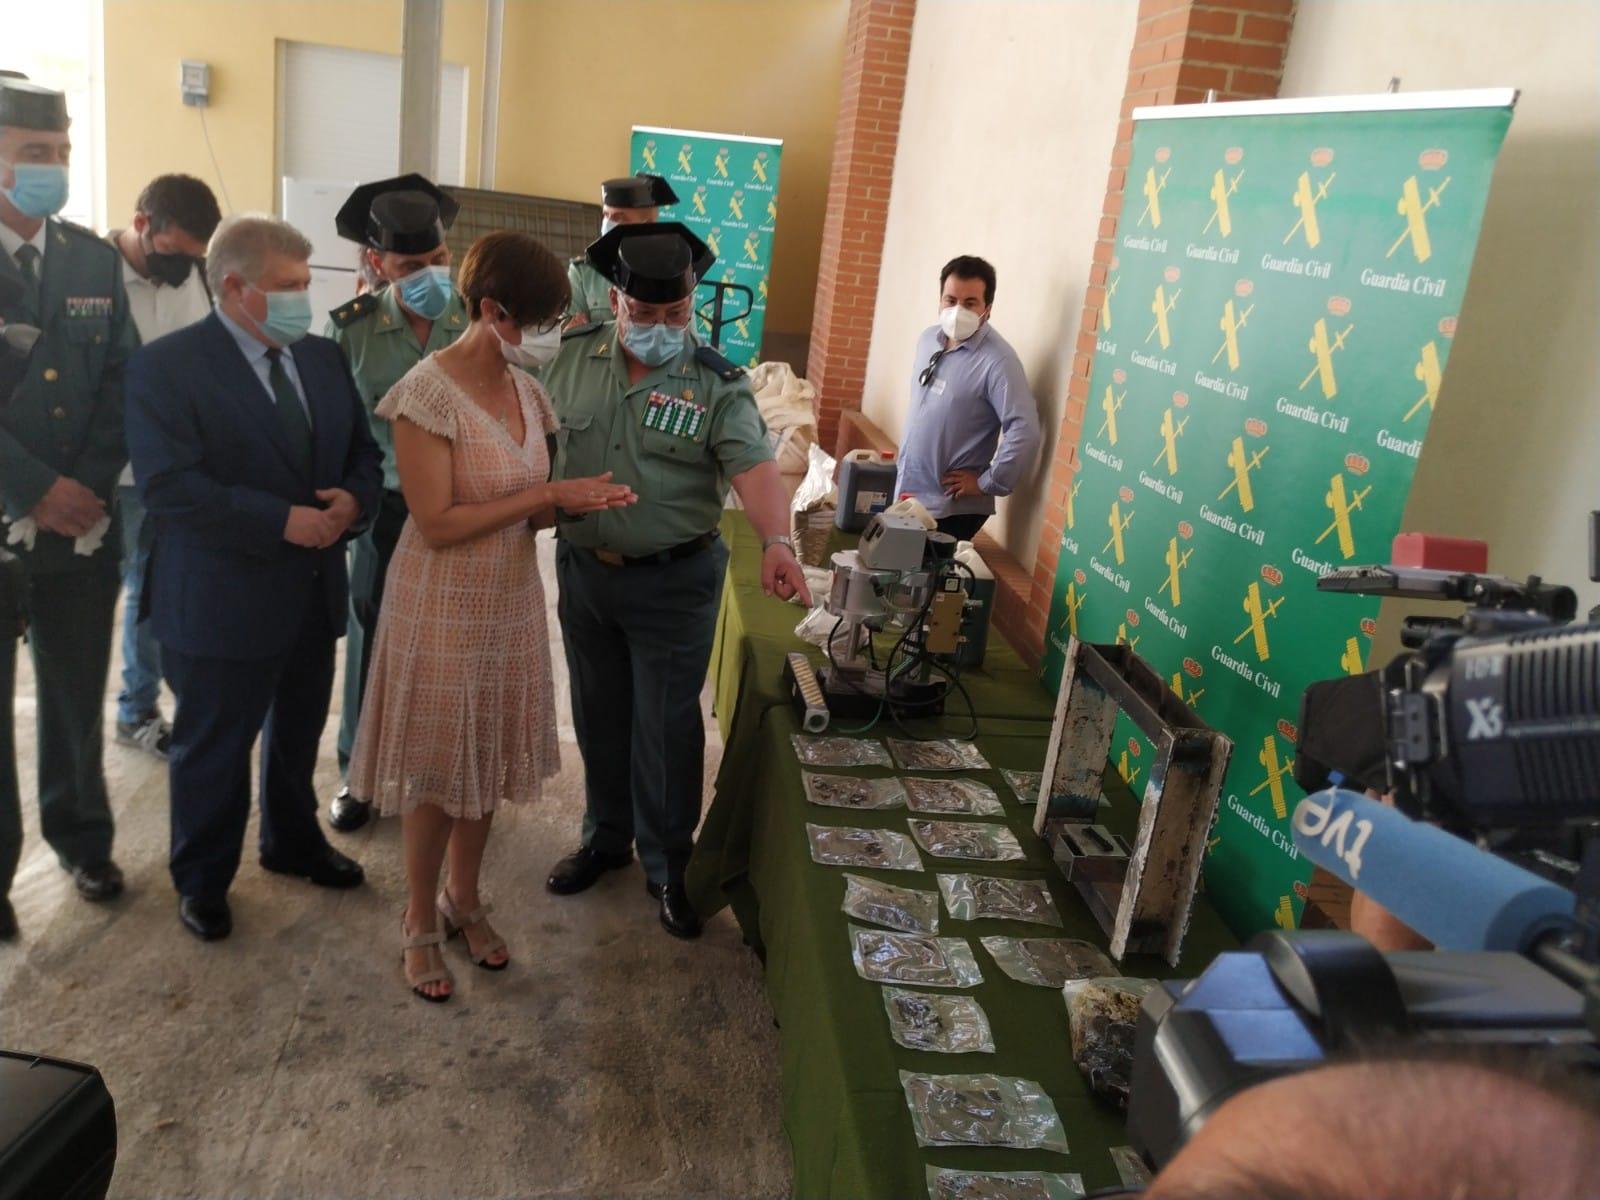 María Gámez presenta los resultados de la operación Overdose, en la que se ha desmantelado una de las primeras fábricas de hachís asentada en territorio nacional